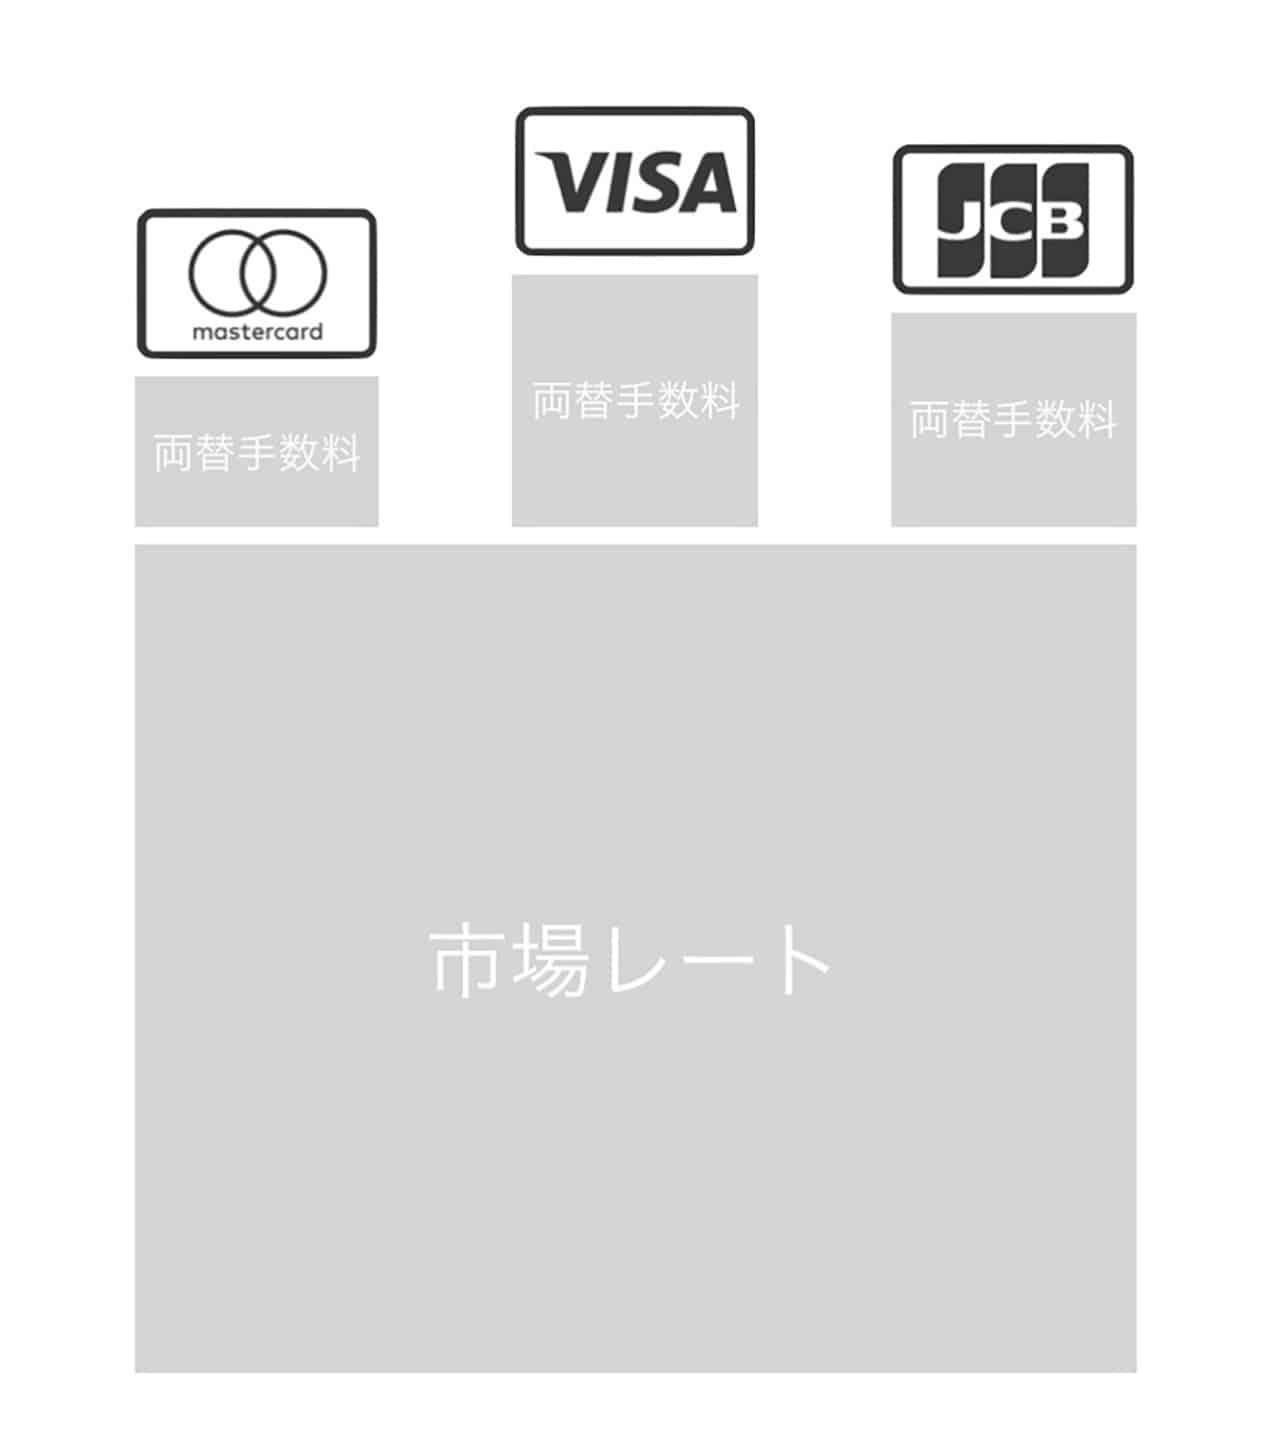 カードブランドごとの海外キャッシングレート